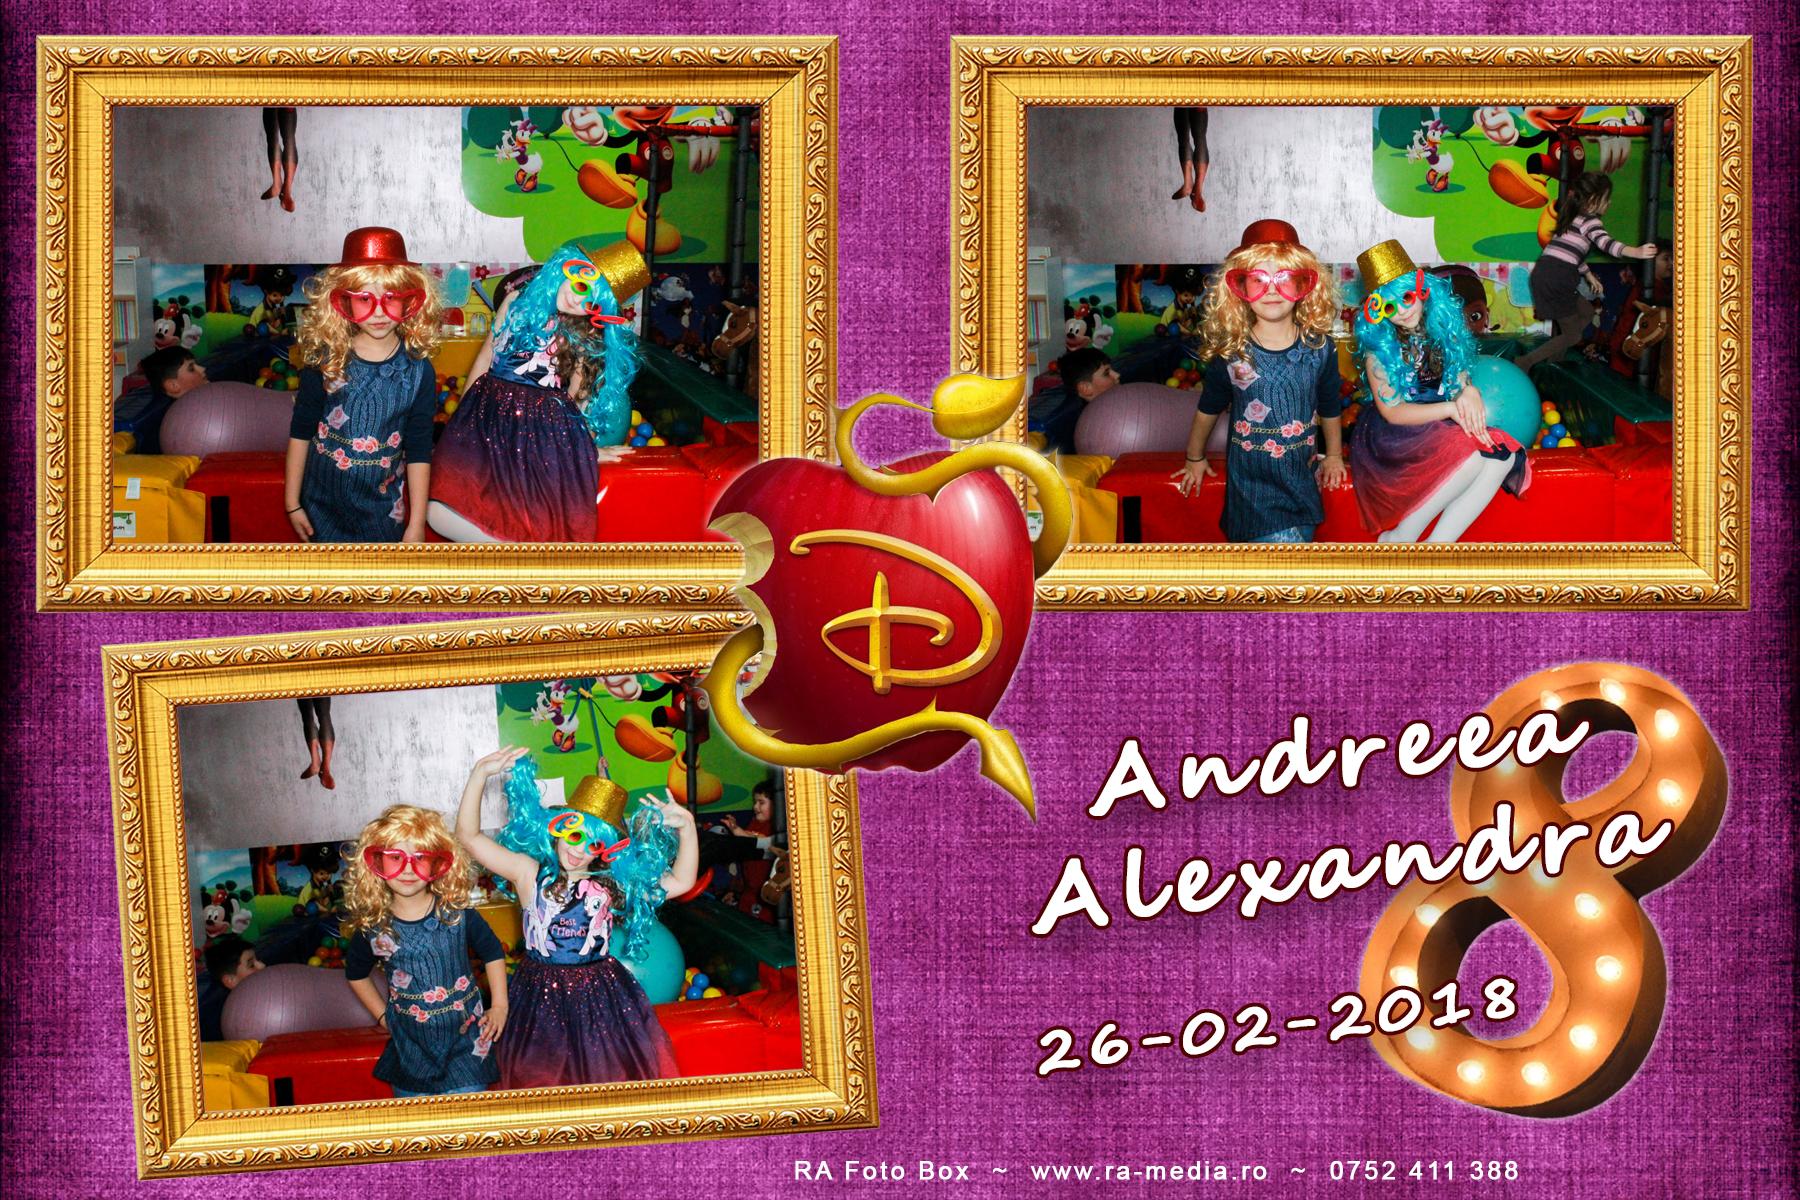 Andreea 8 ani